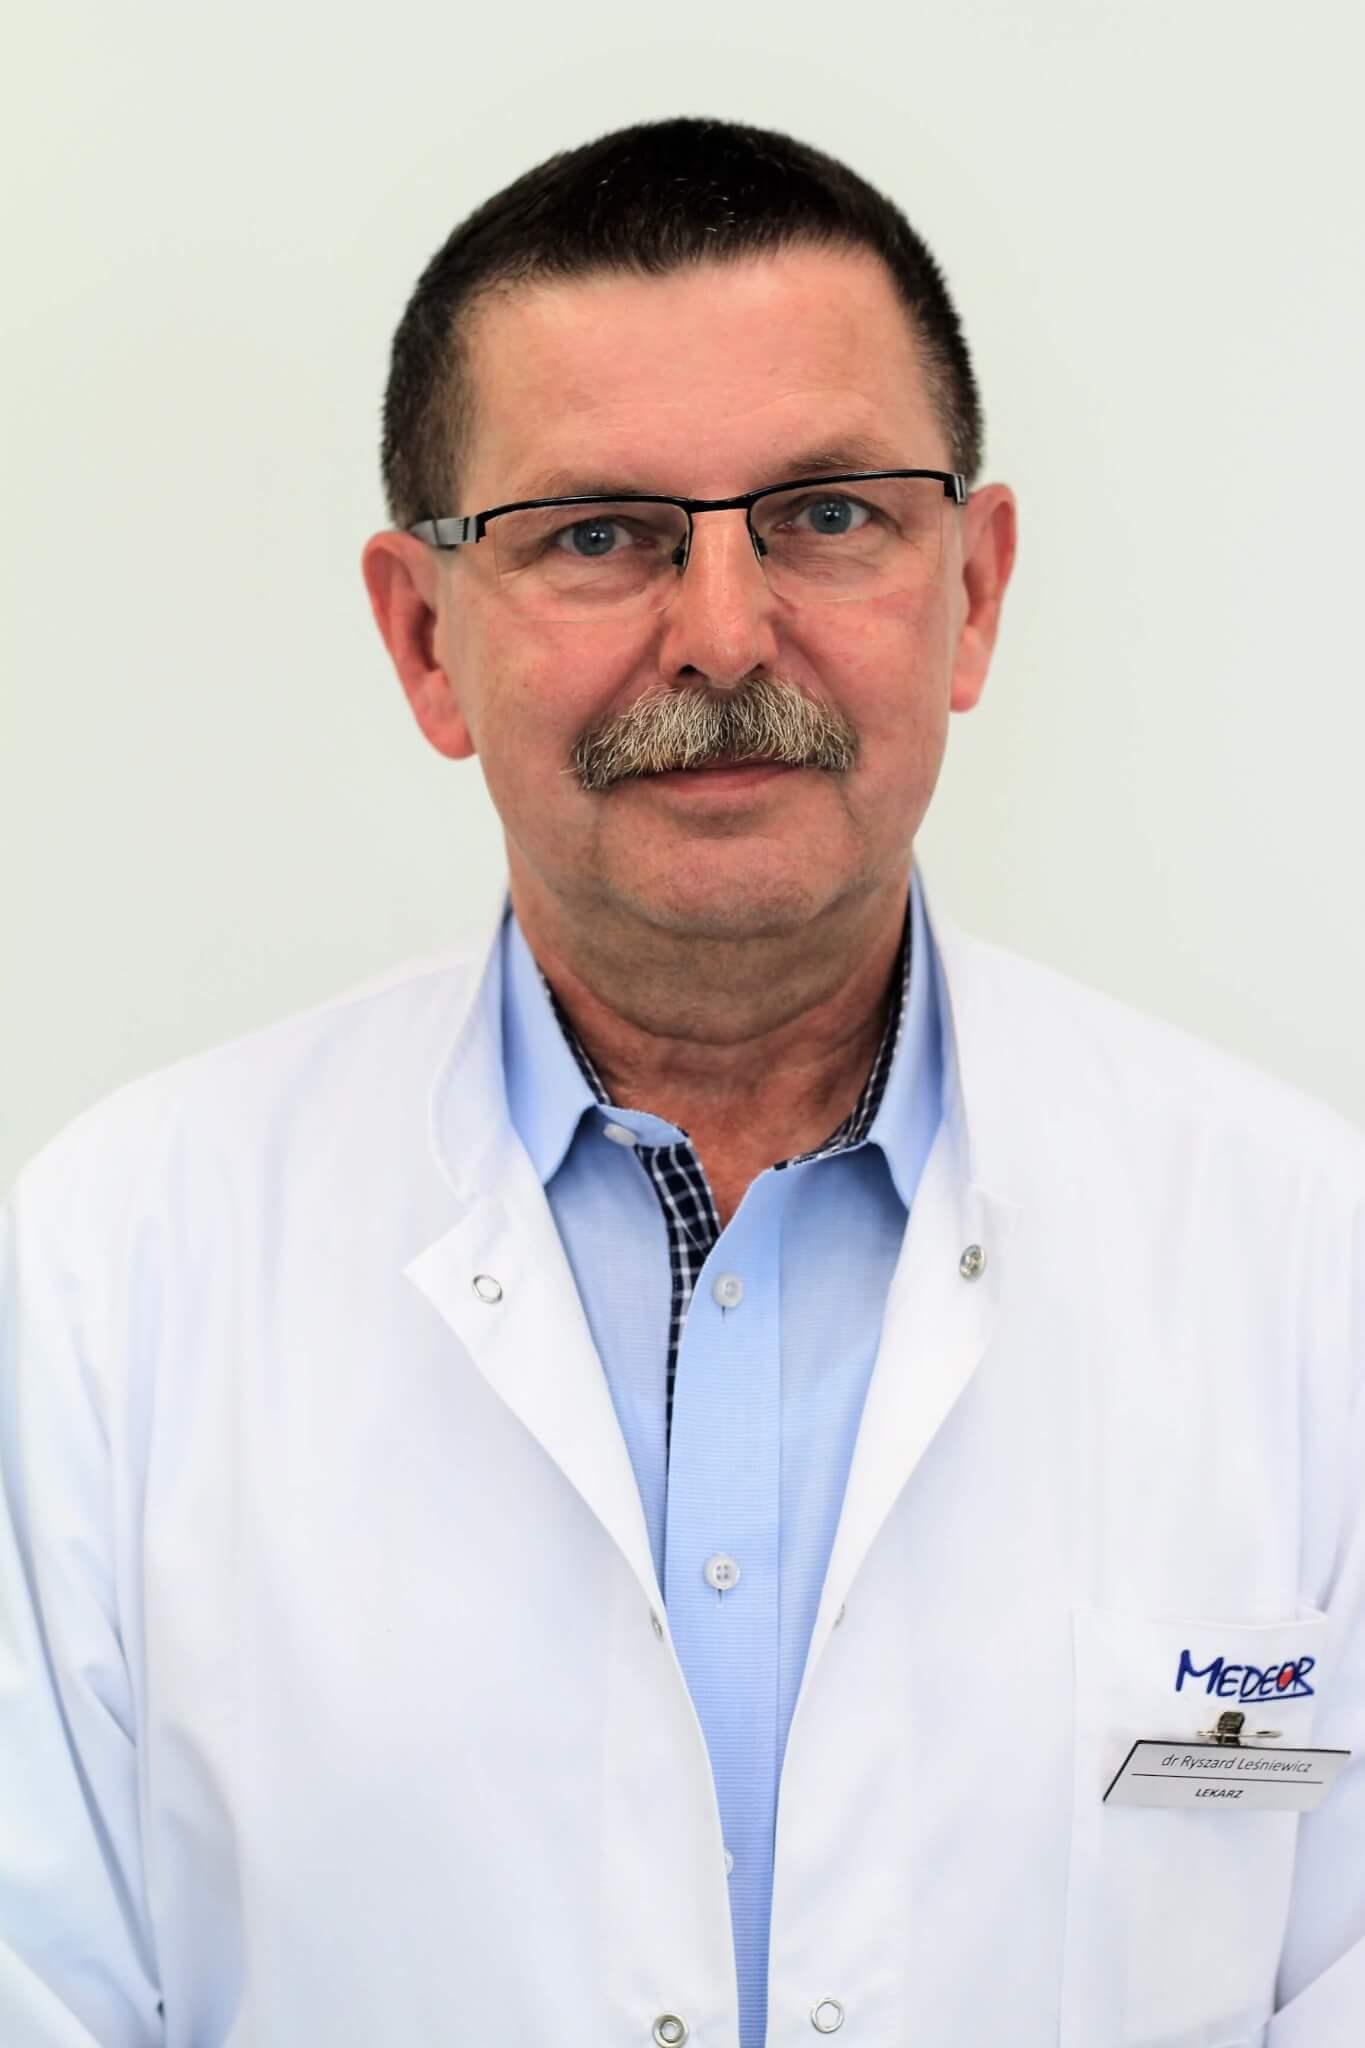 Ryszard Leśniewicz